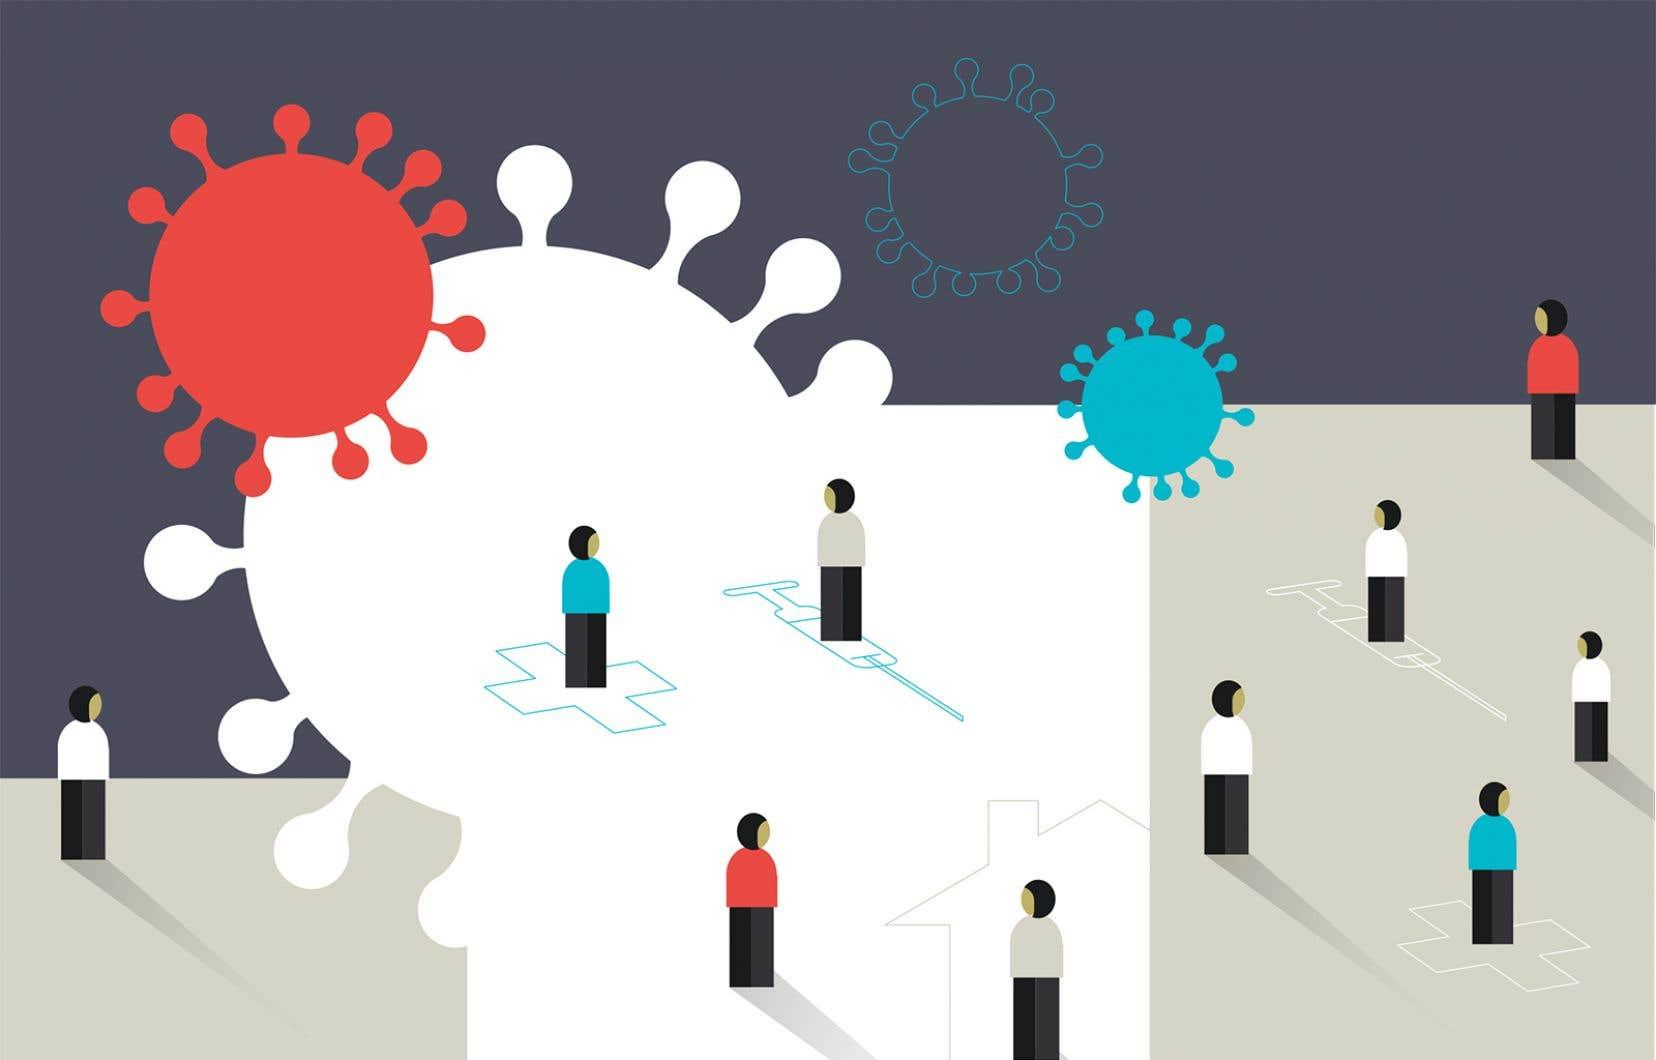 Le confinement imposé par la crise du coronavirus influe sur nos besoins psychologiques essentiels, et il ne fautpas minimiser la frustration que la situation peut engendrer.